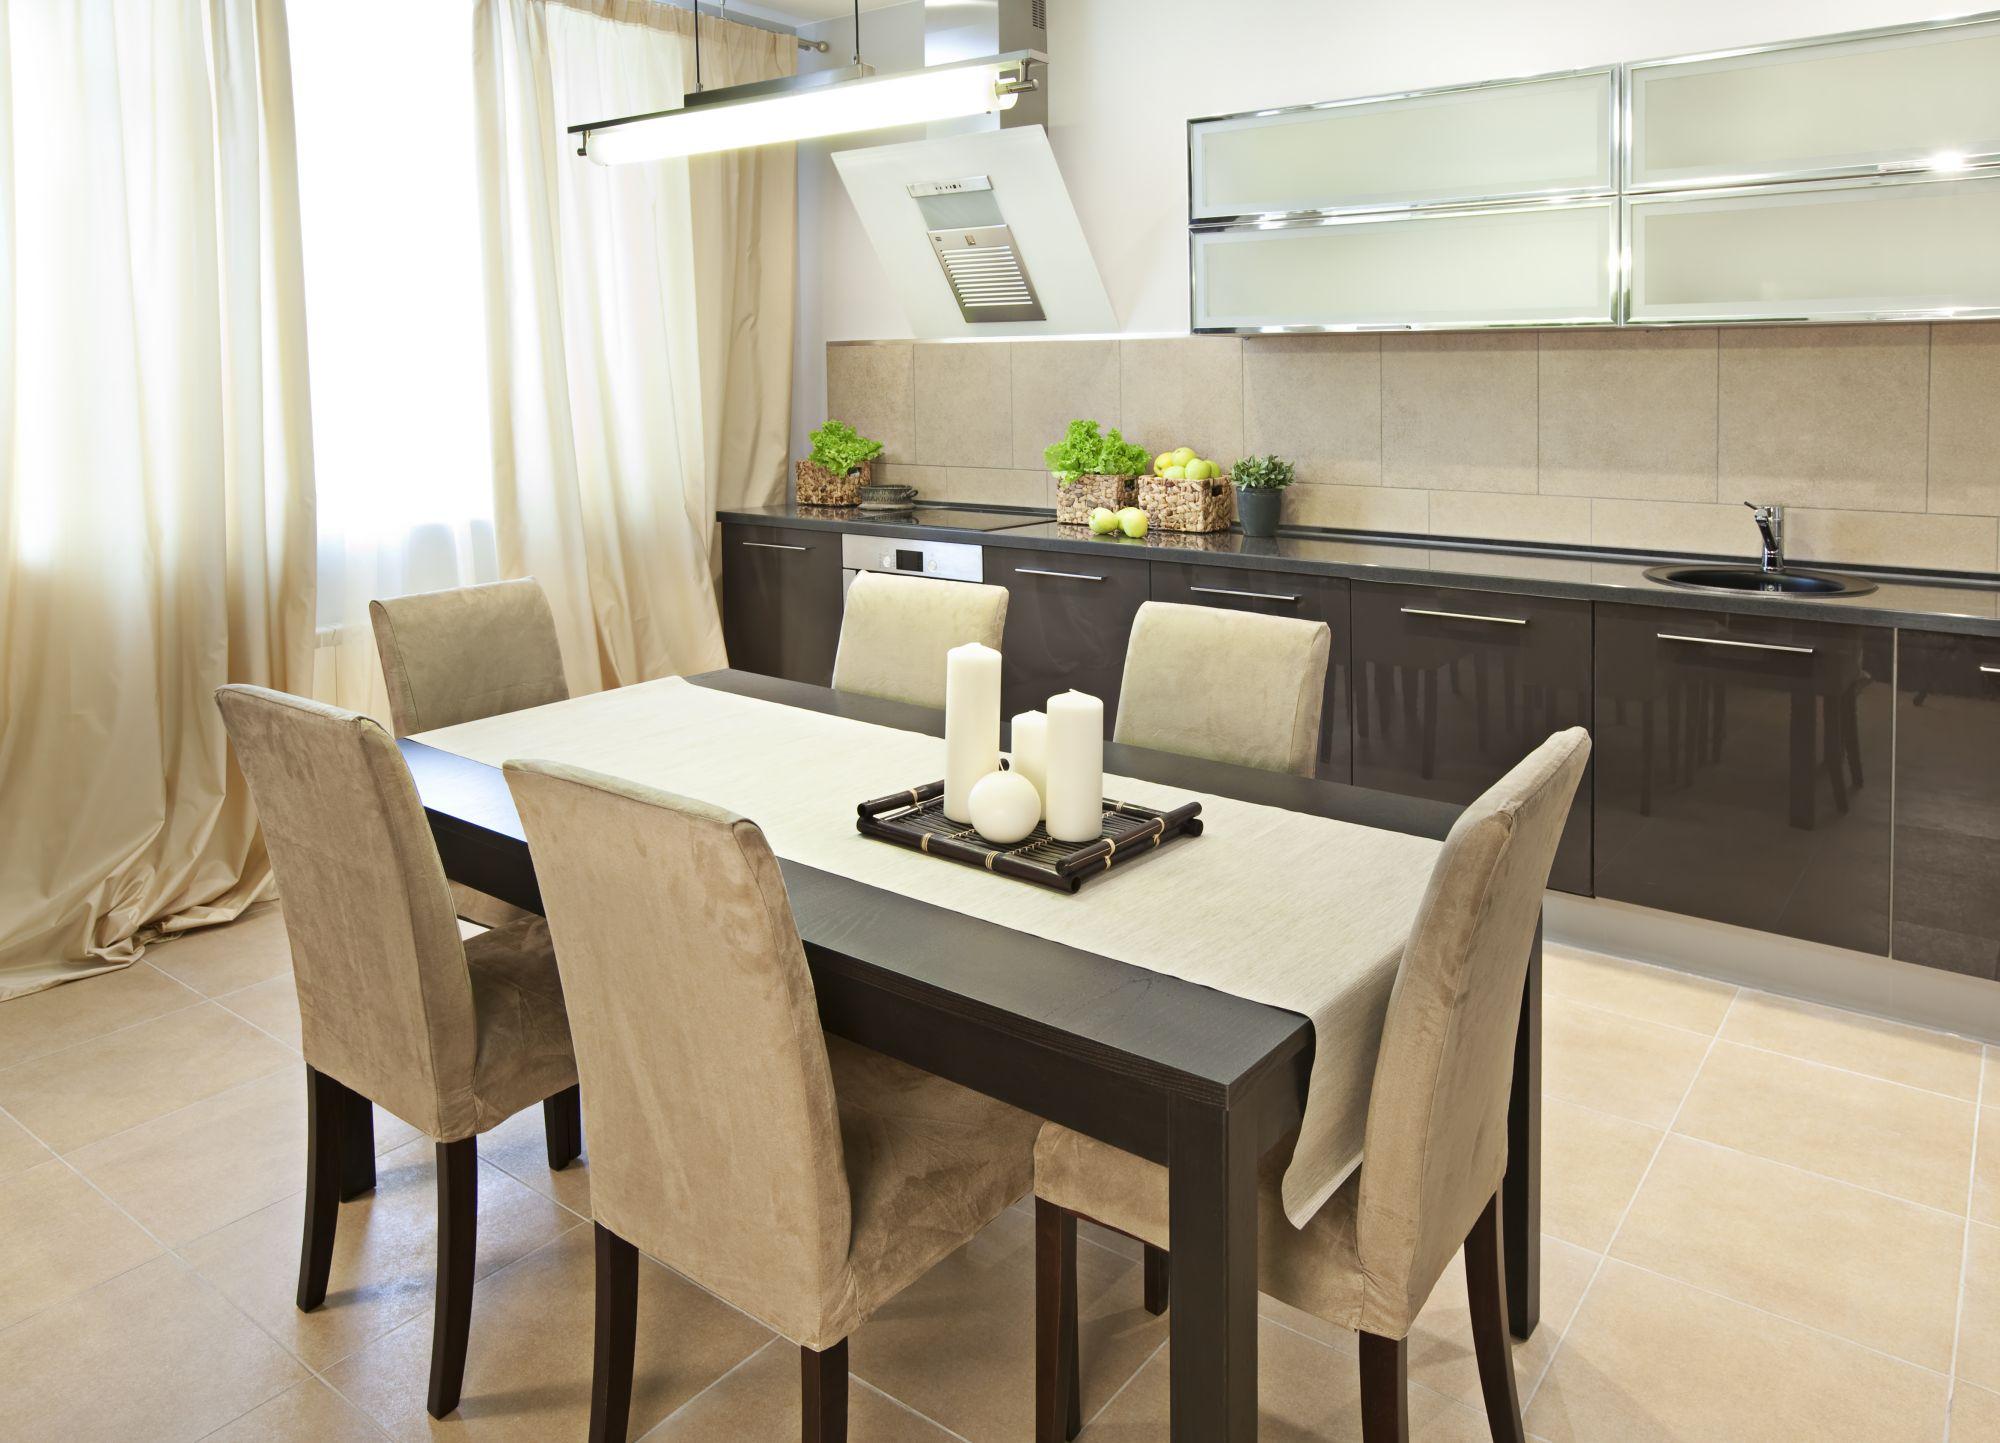 Как выбрать стол для кухни цвет имеет значение. 60 фото